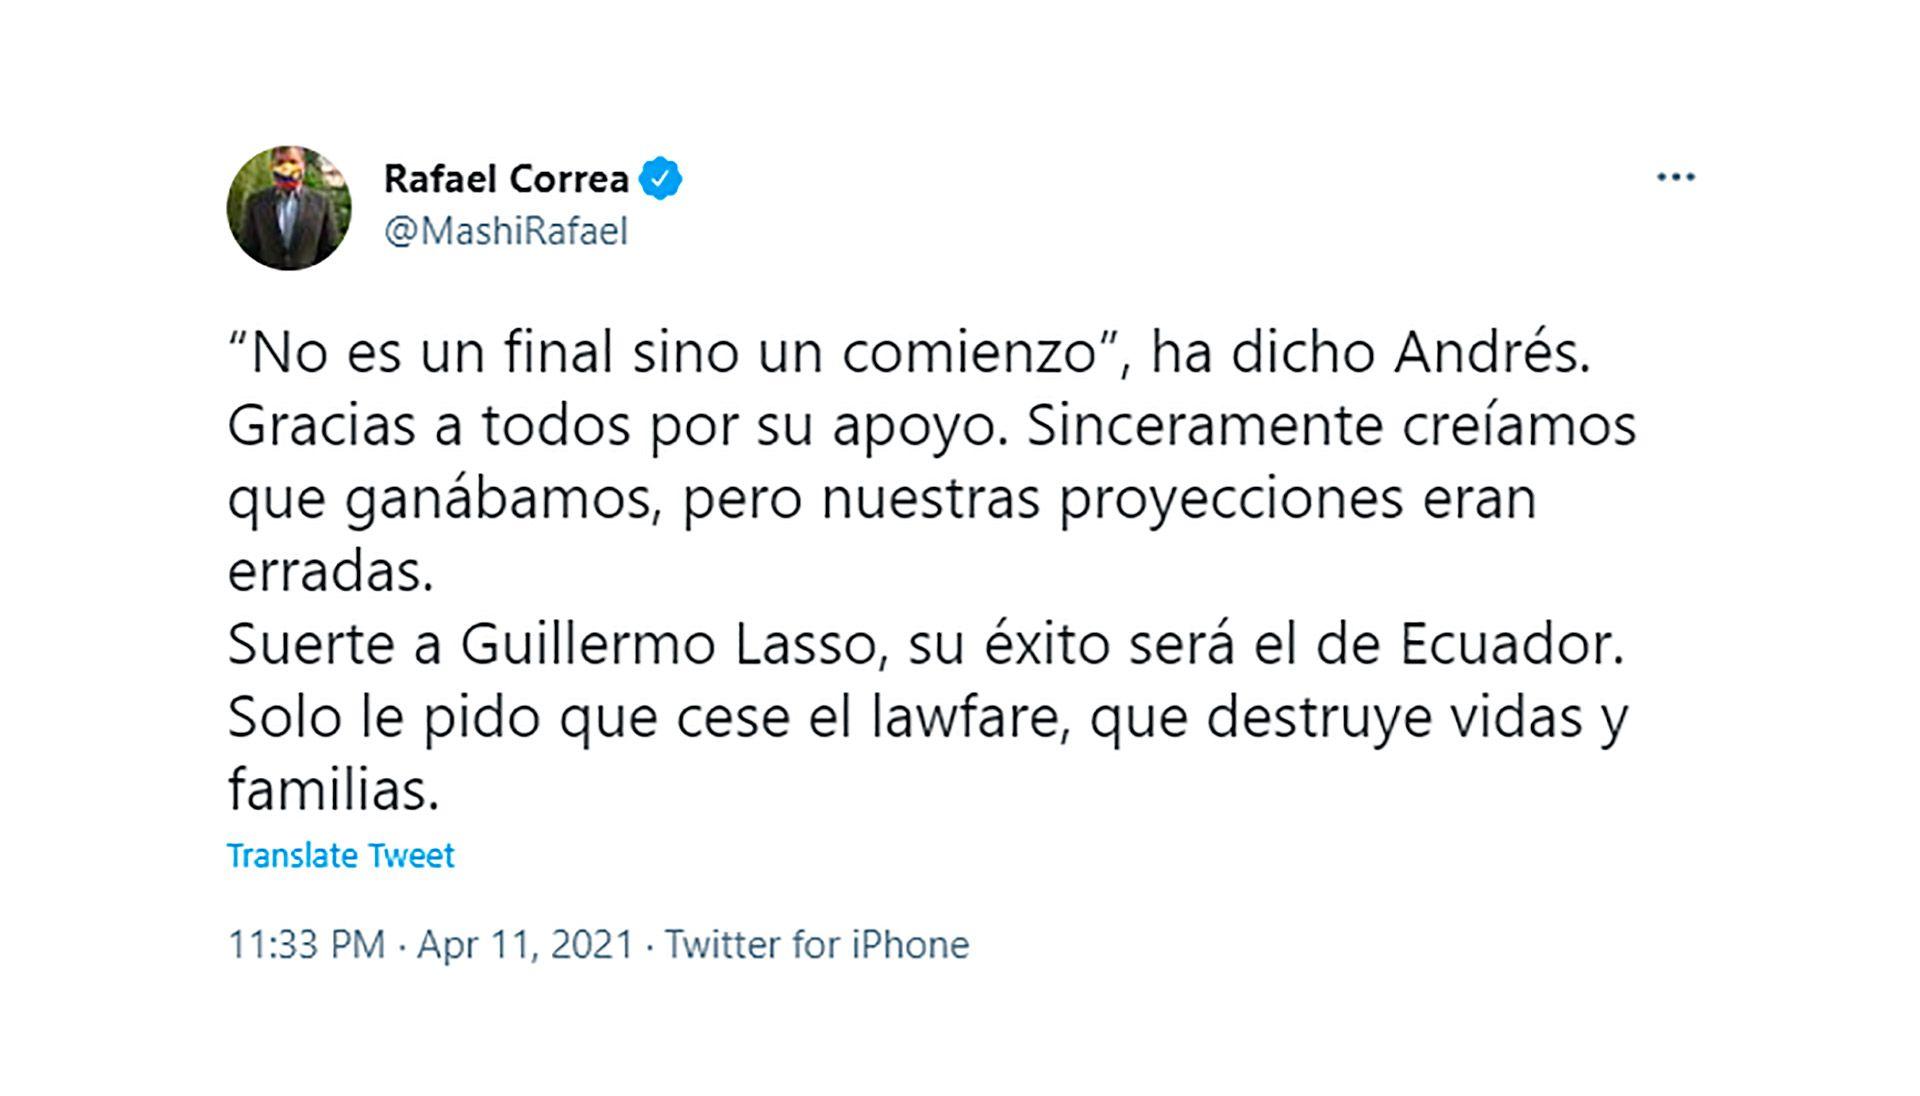 rafael correa guillermo lasso elecciones ecuador